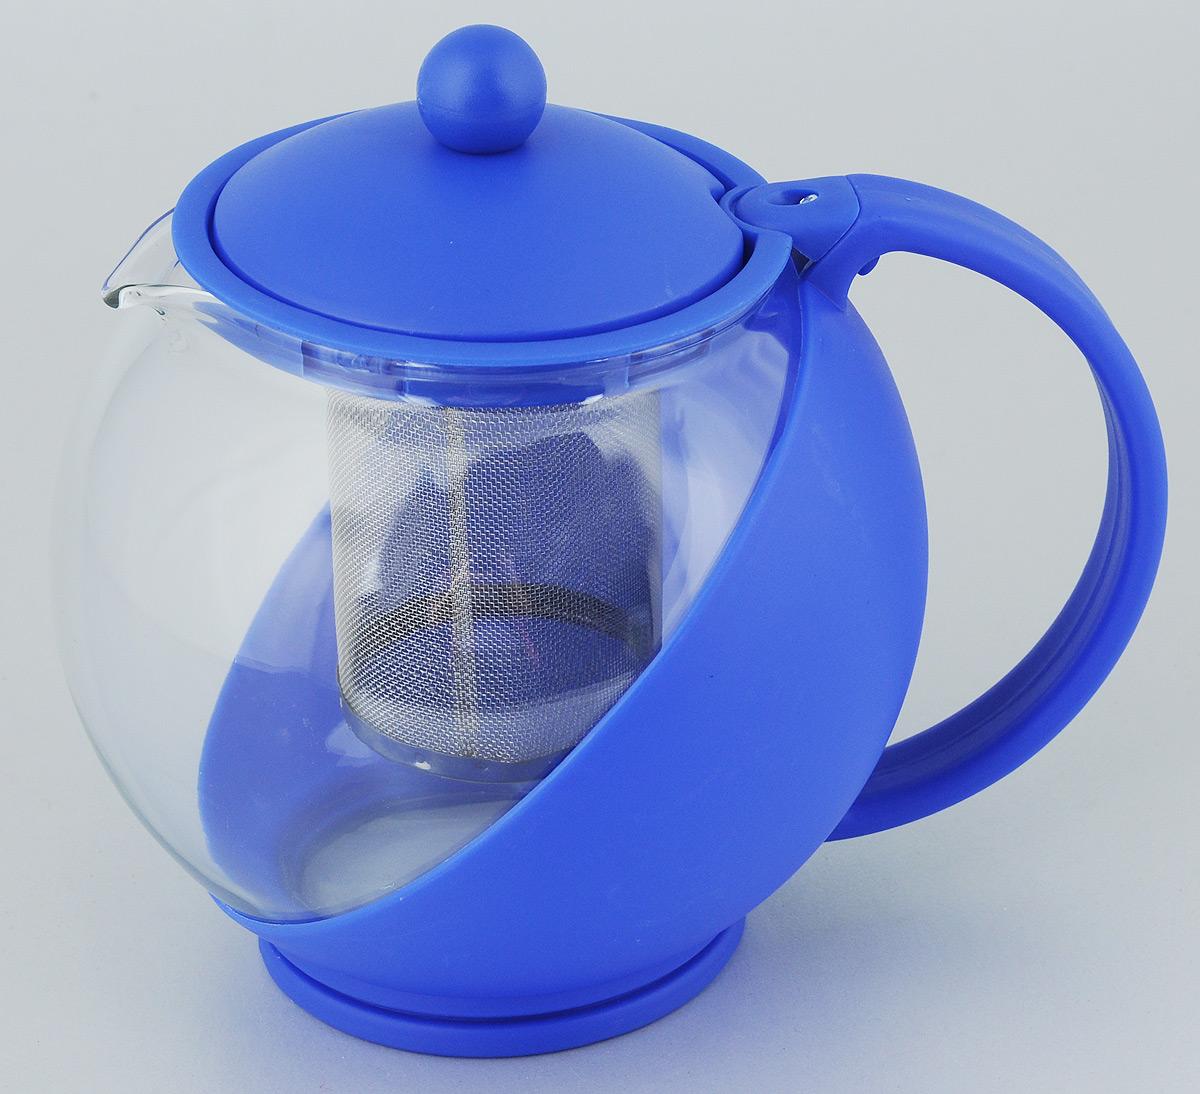 Чайник заварочный Bekker Koch, с фильтром, цвет: синий, 1,25 л54 009312Заварочный чайник Bekker Koch изготовлен извысококачественного пластика и жаропрочногостекла. Он имеет металлический фильтр.Чайник оснащенудобной пластиковой ручкой.В нем вы можете приготовить вкусный и ароматный чай.Заварочный чайник Bekker Koch займетдостойное место на вашей кухне.Объем: 1,25 л.Высота чайника (без учета крышки): 14 см.Диаметр (по верхнему краю): 9,5 см.